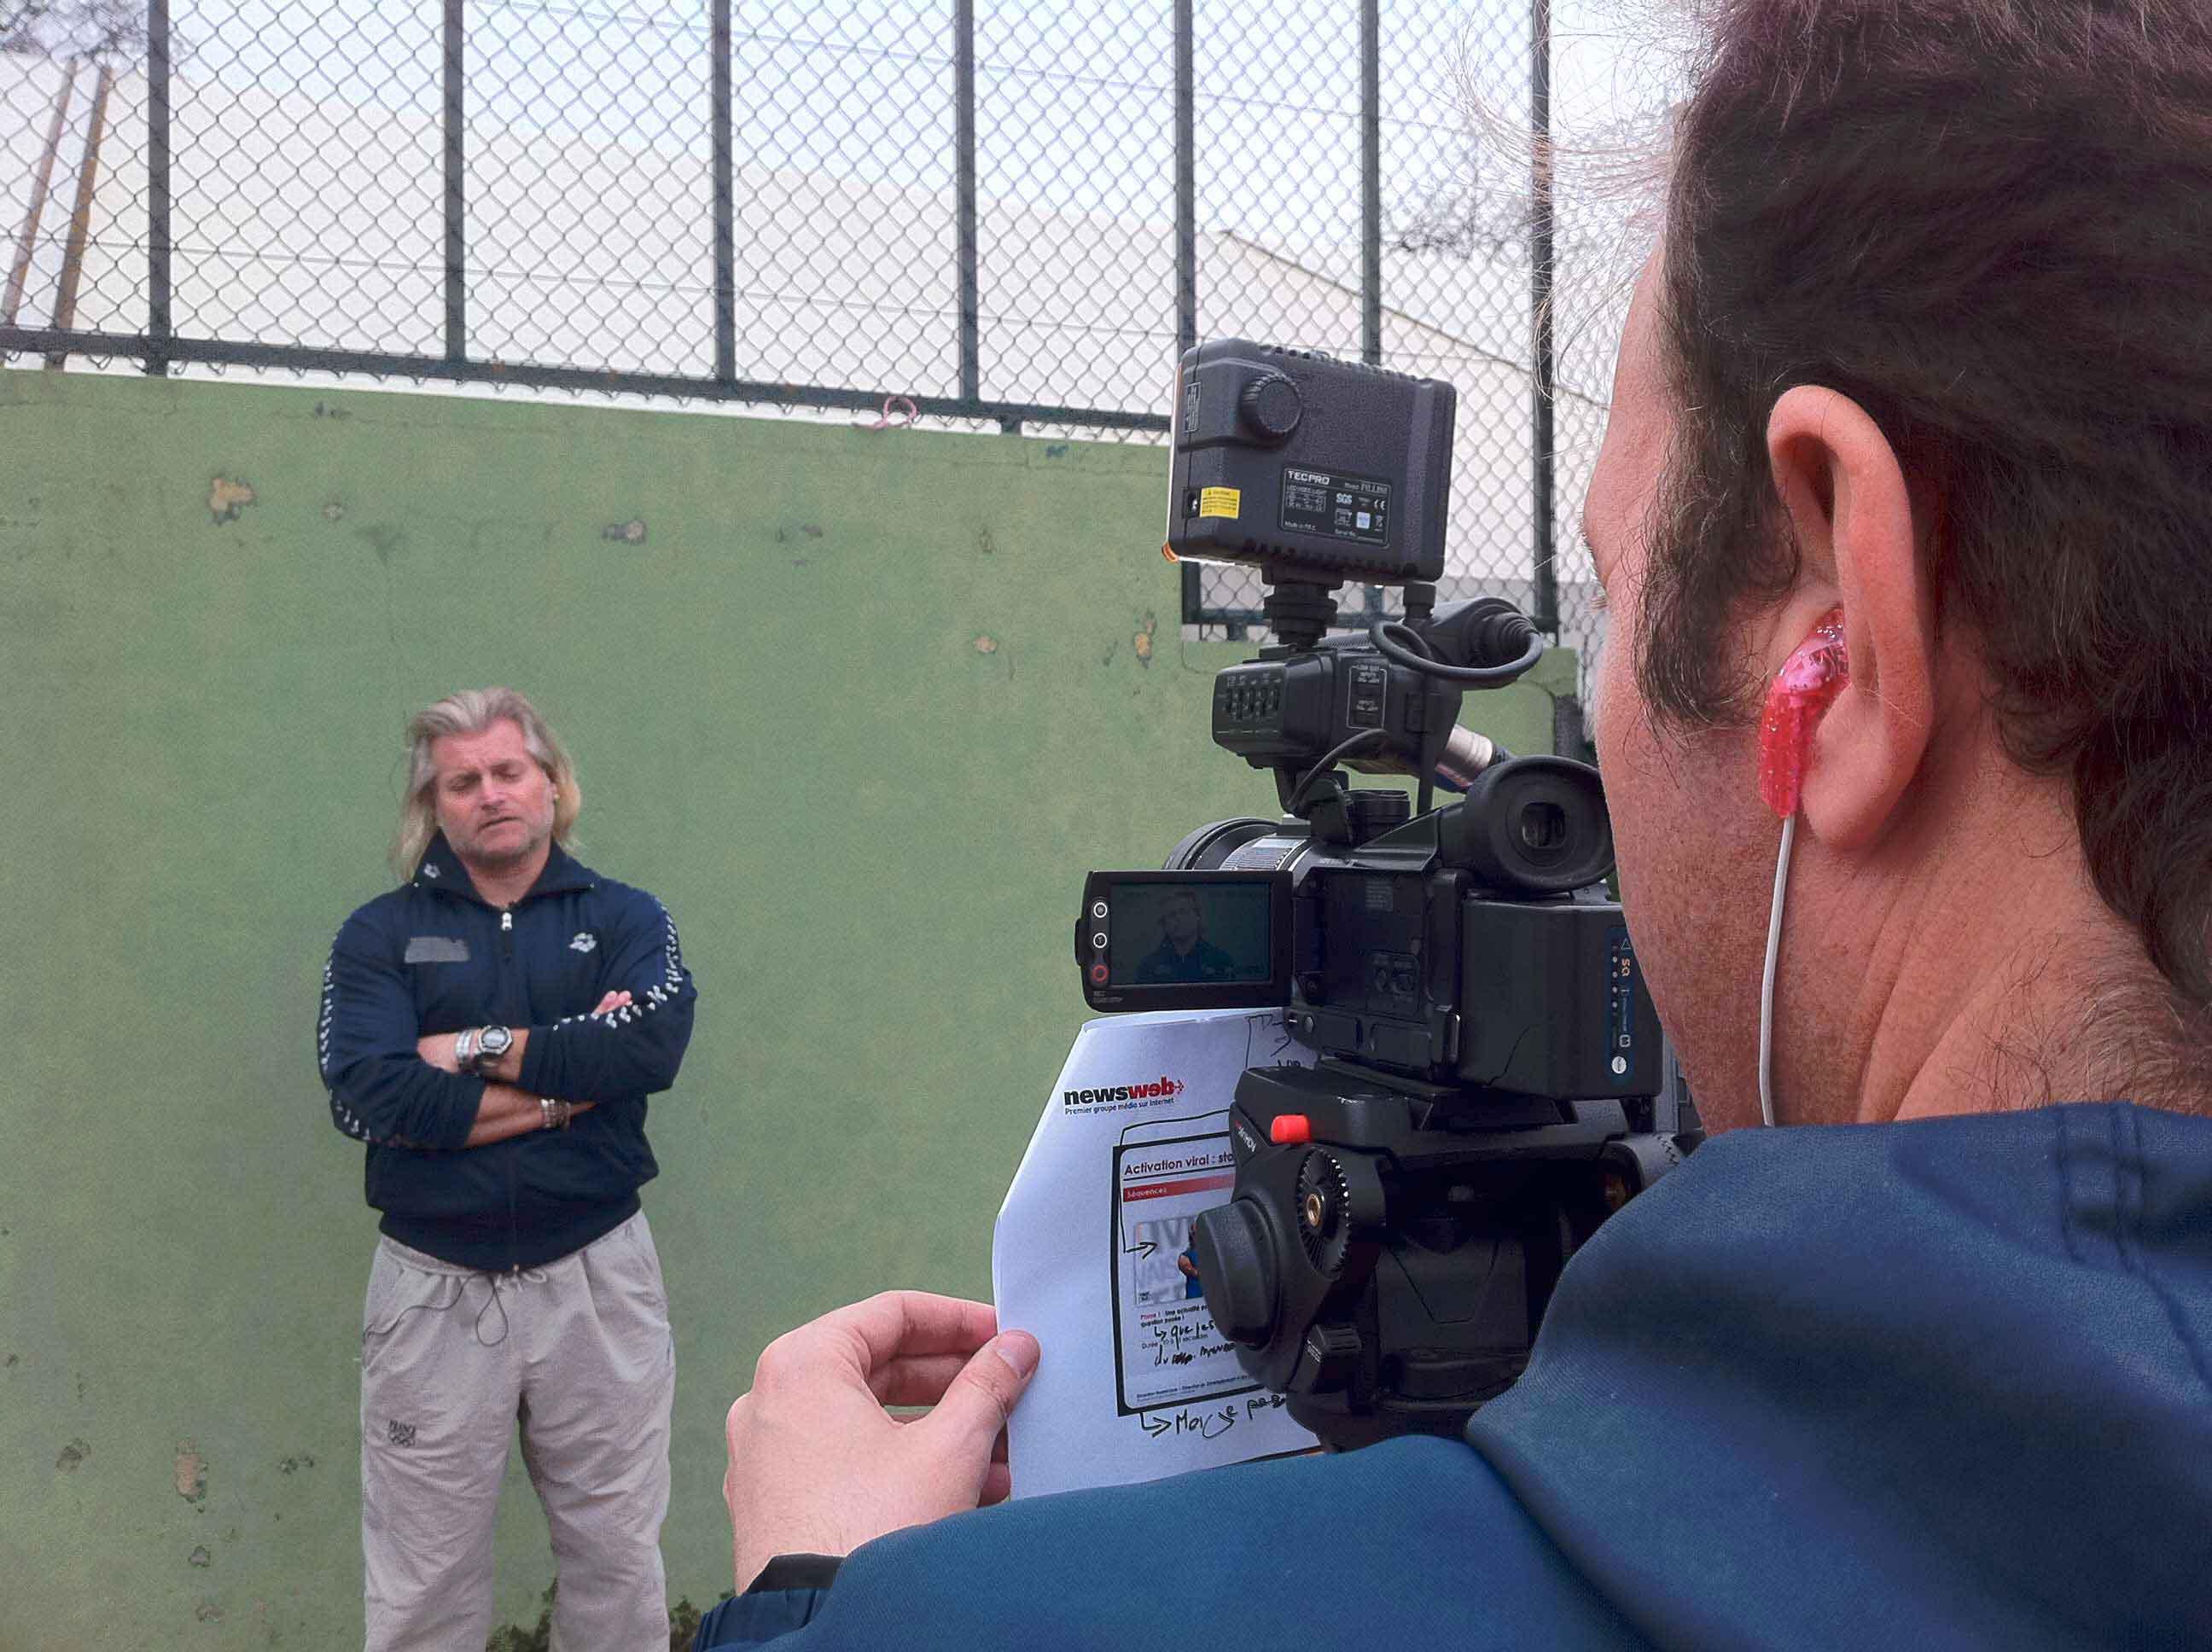 Webchronique sportive - sports - philippe lucas - Stéphane PERES - stéphane peres - stéphane pérès